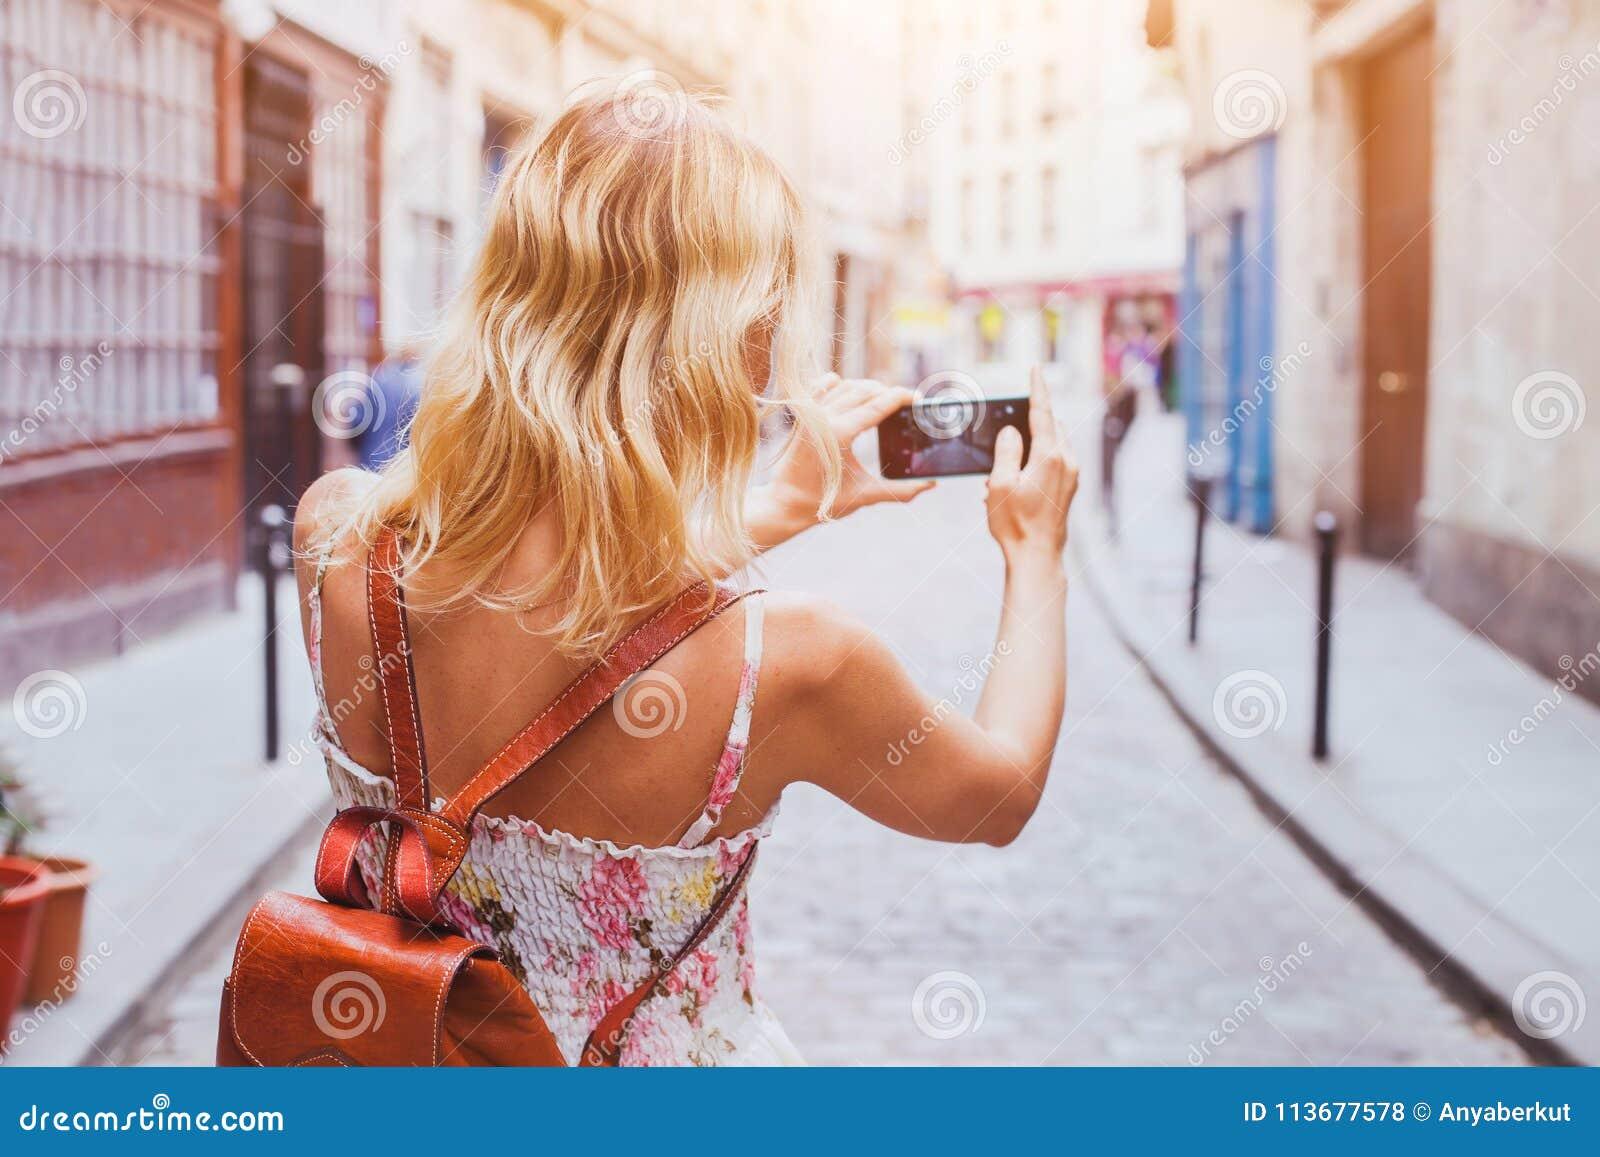 Touristisches nehmendes Foto auf der Straße, dem Tourismus und der Reise